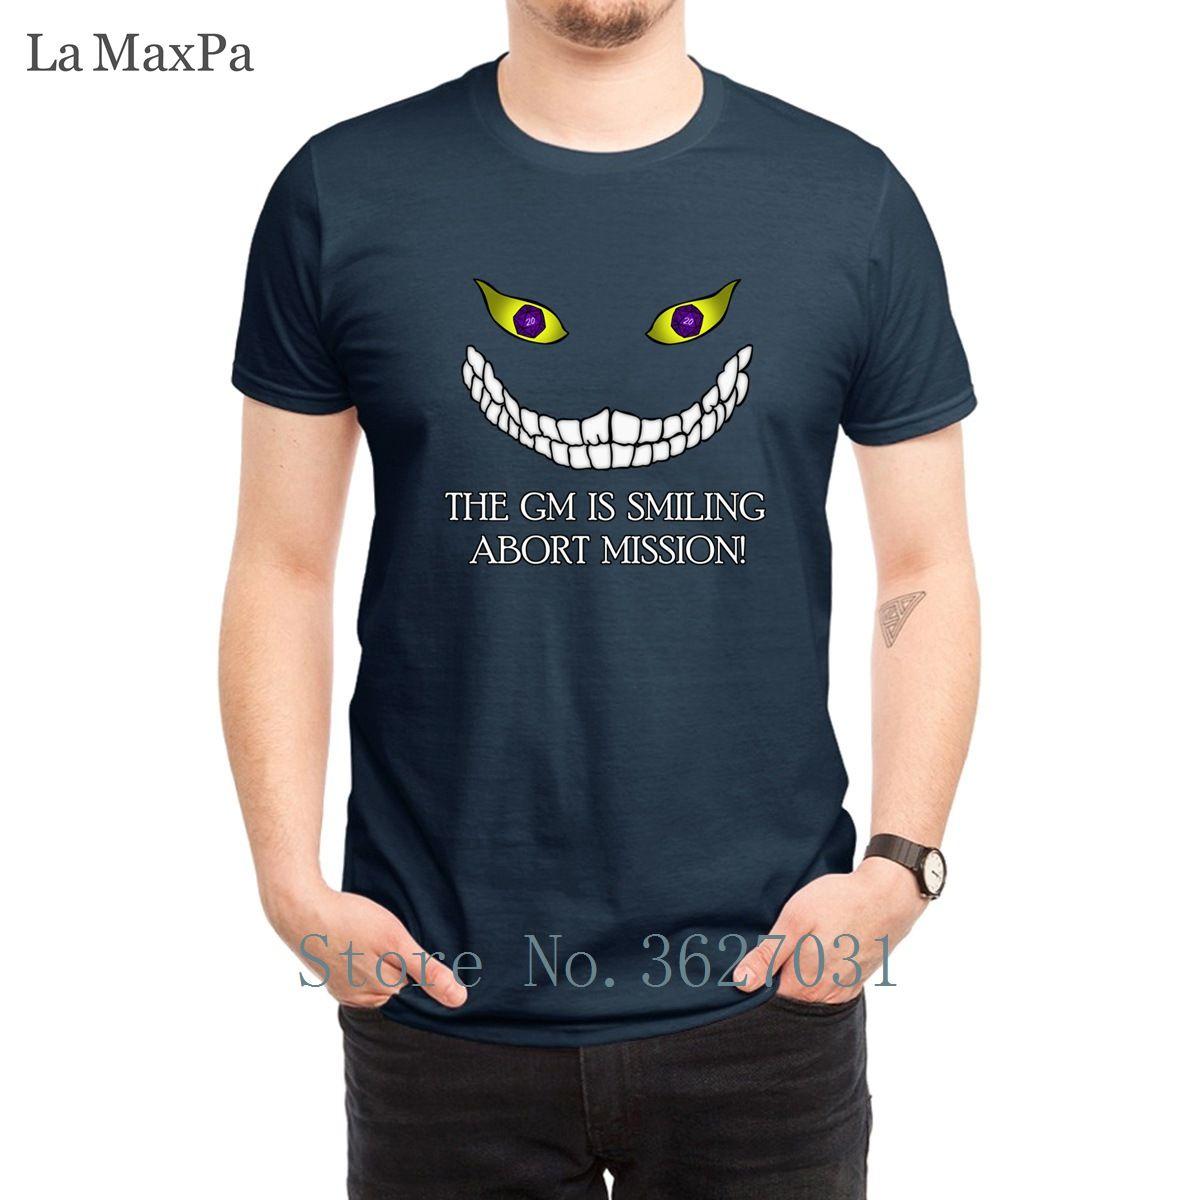 Outfit T-shirt personalizado para homens As Sorrindo t-shirts para os homens Stylish Verão Classical O-Neck camiseta T Top